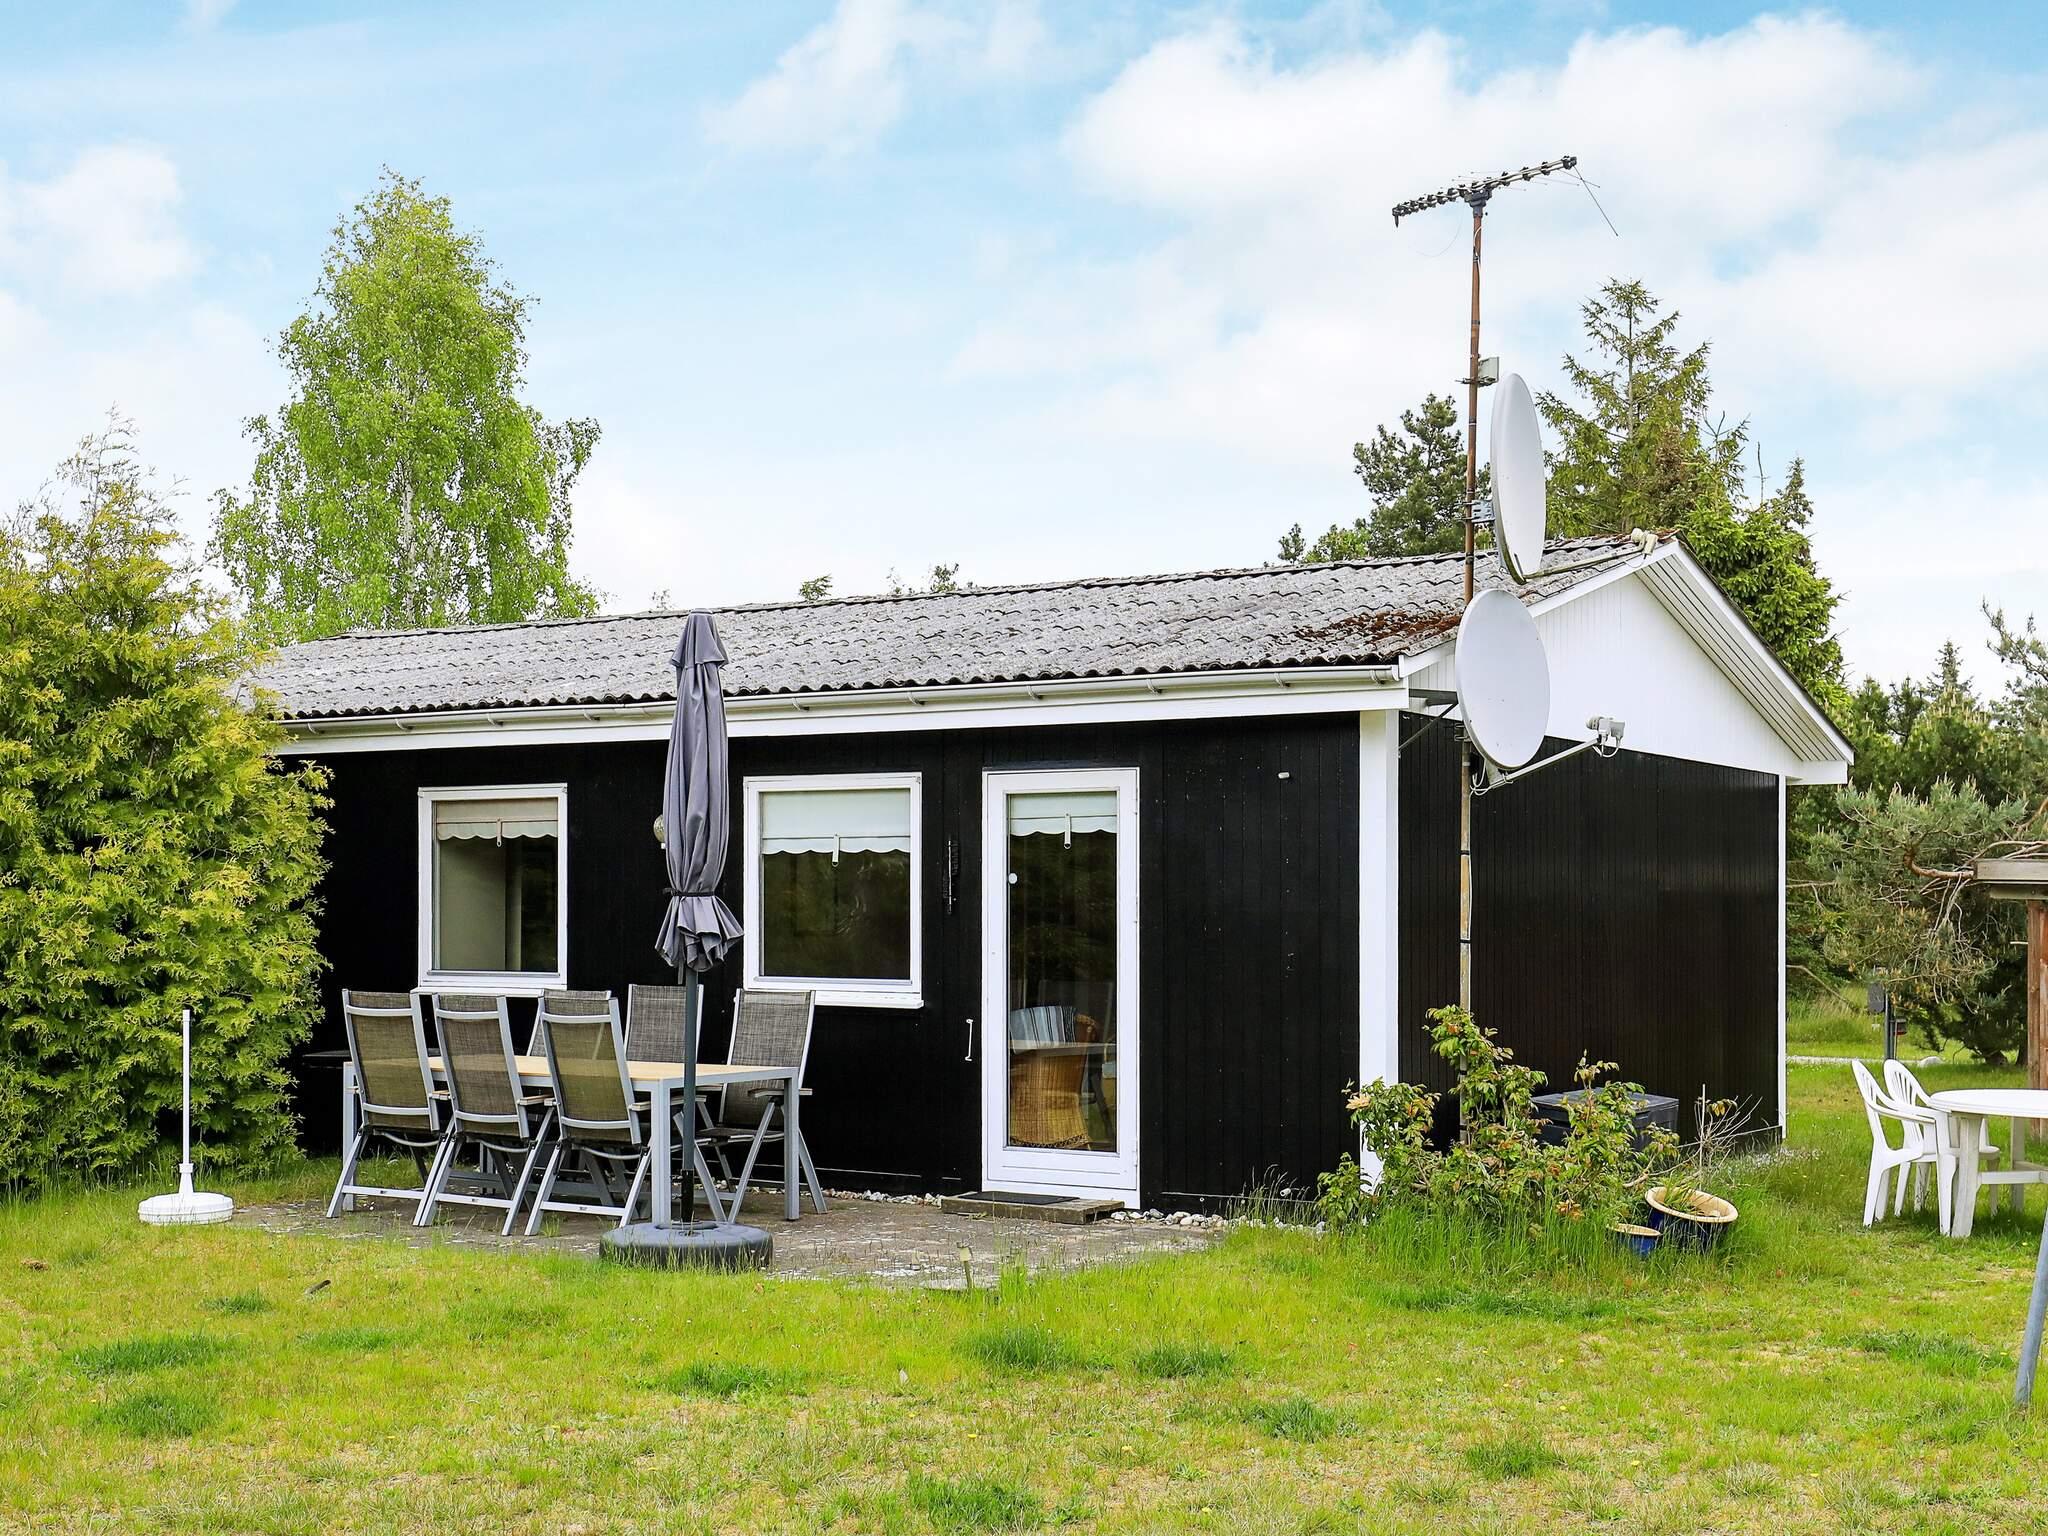 Ferienhaus Marielyst (87191), Marielyst, , Falster, Dänemark, Bild 1